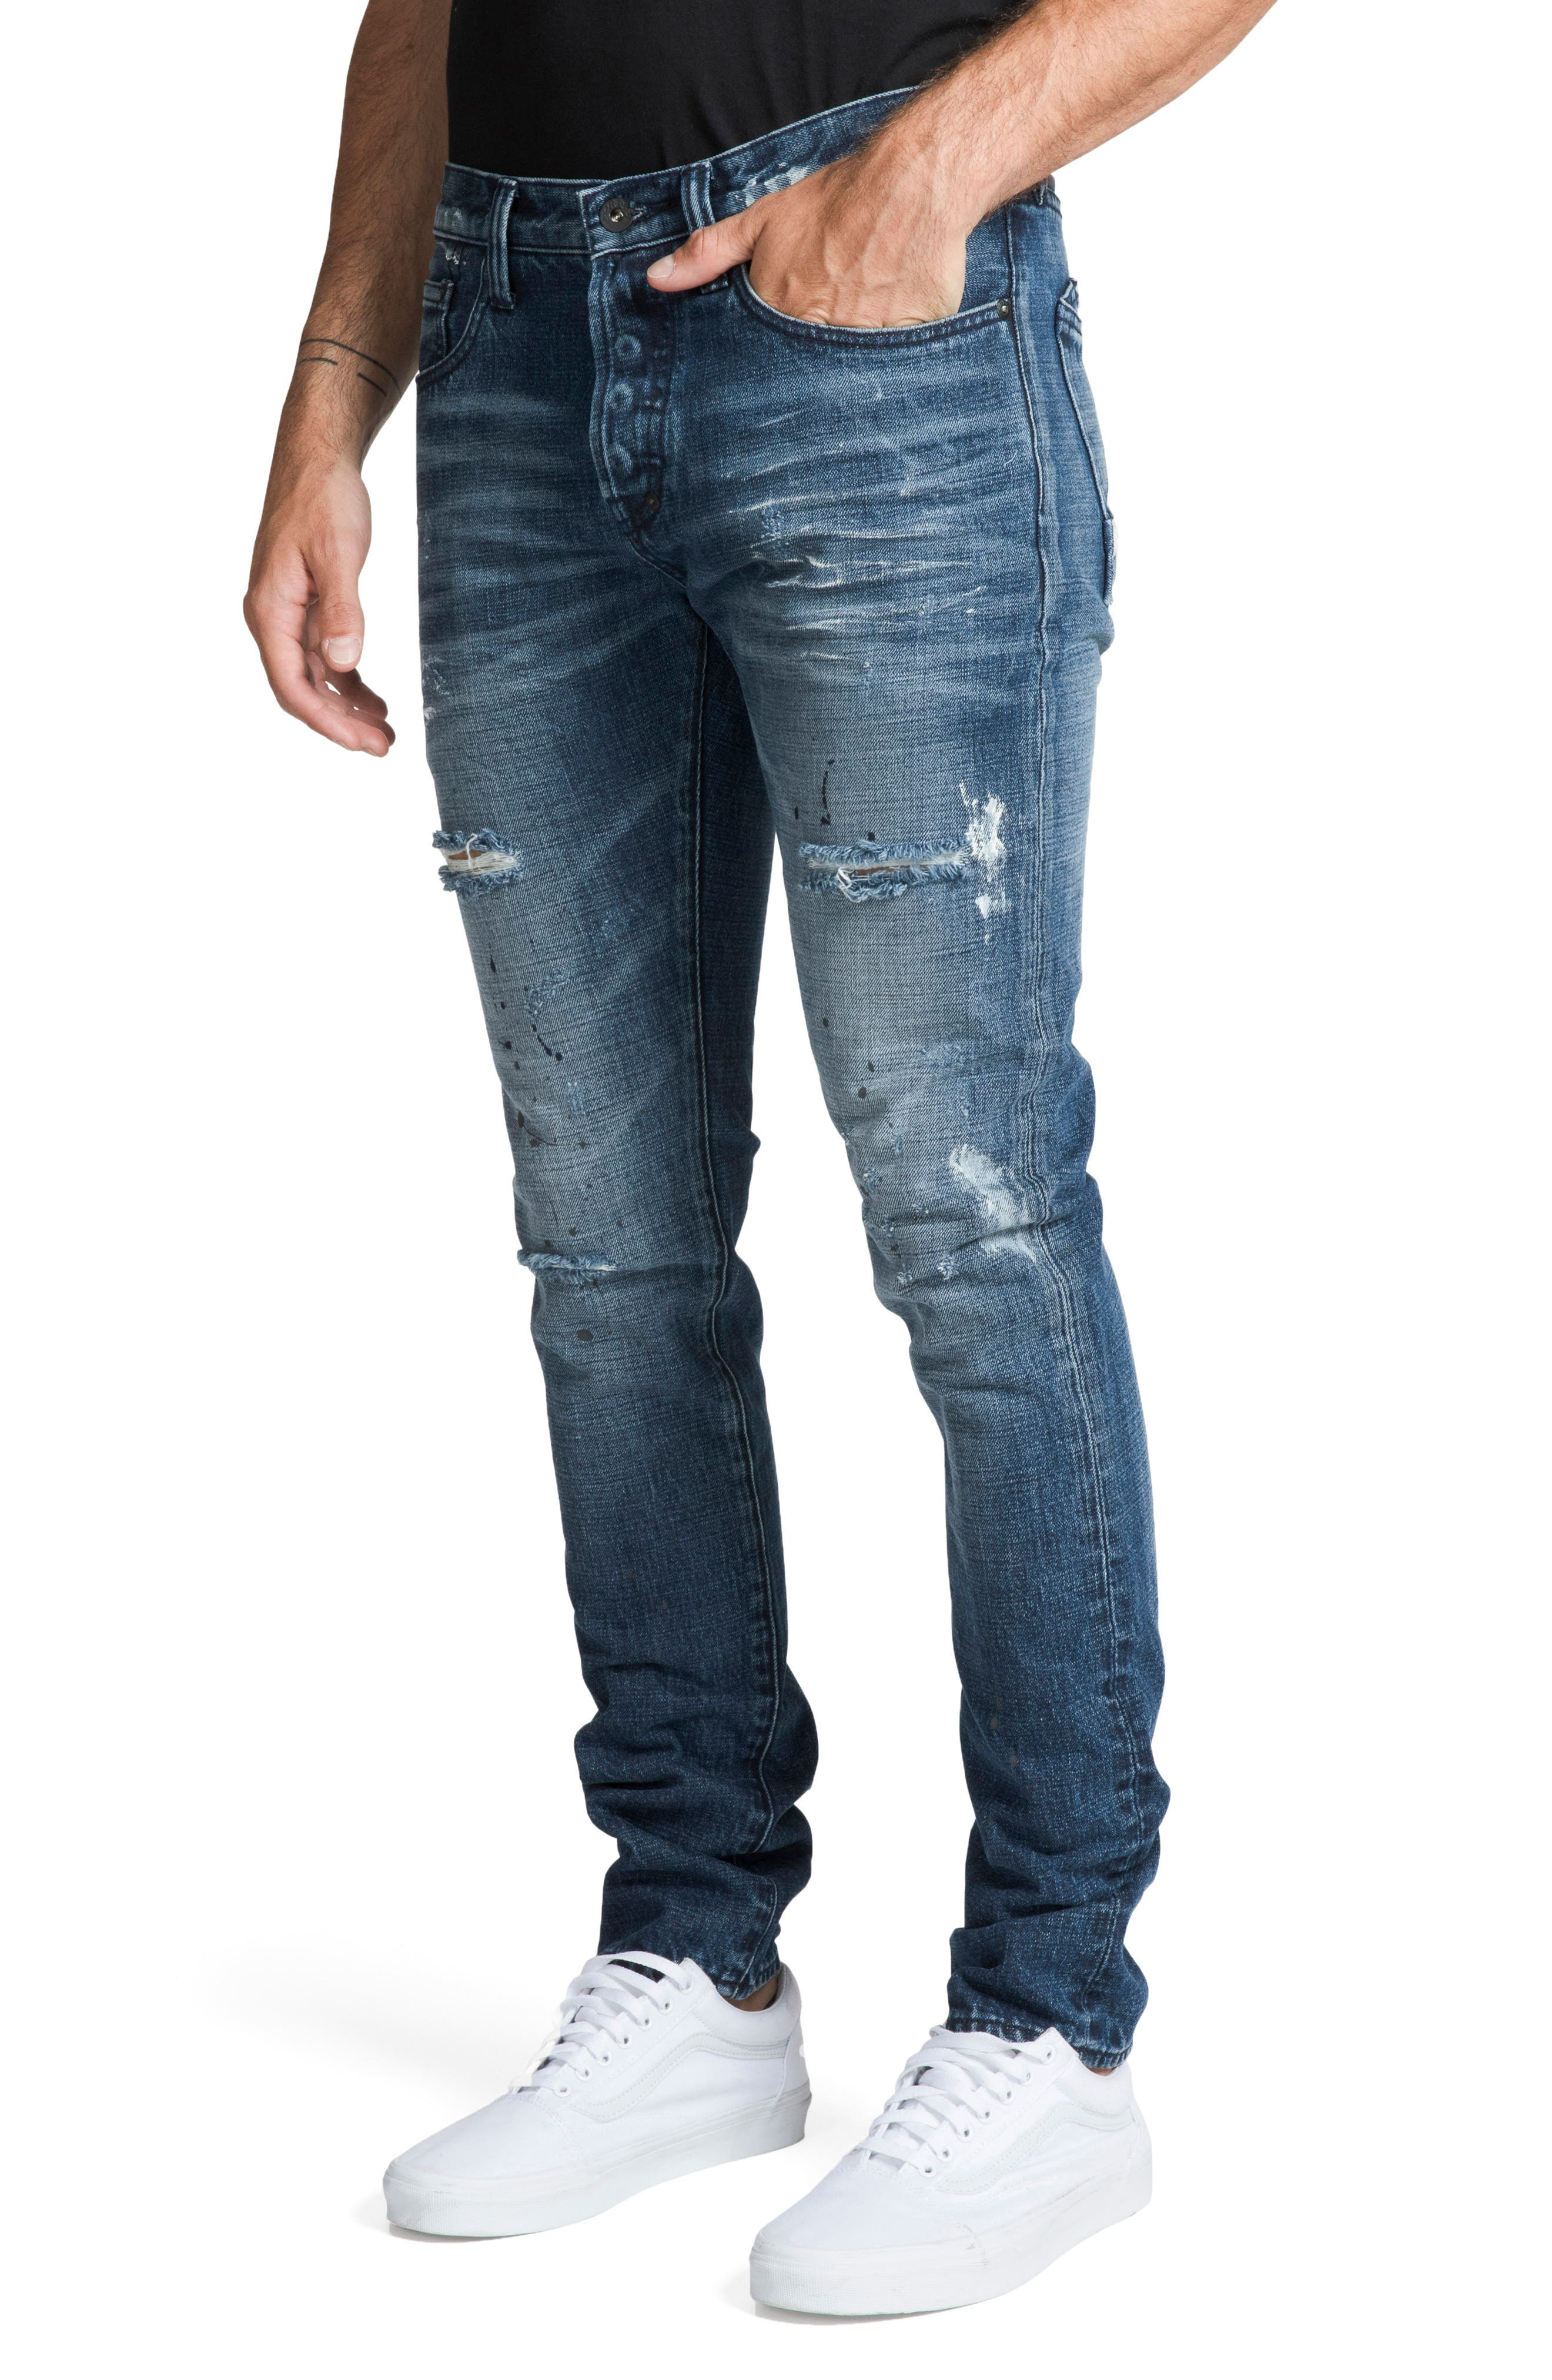 Le Sabre Slim Fit Jeans,                             Alternate thumbnail 3, color,                             PERPETUAL